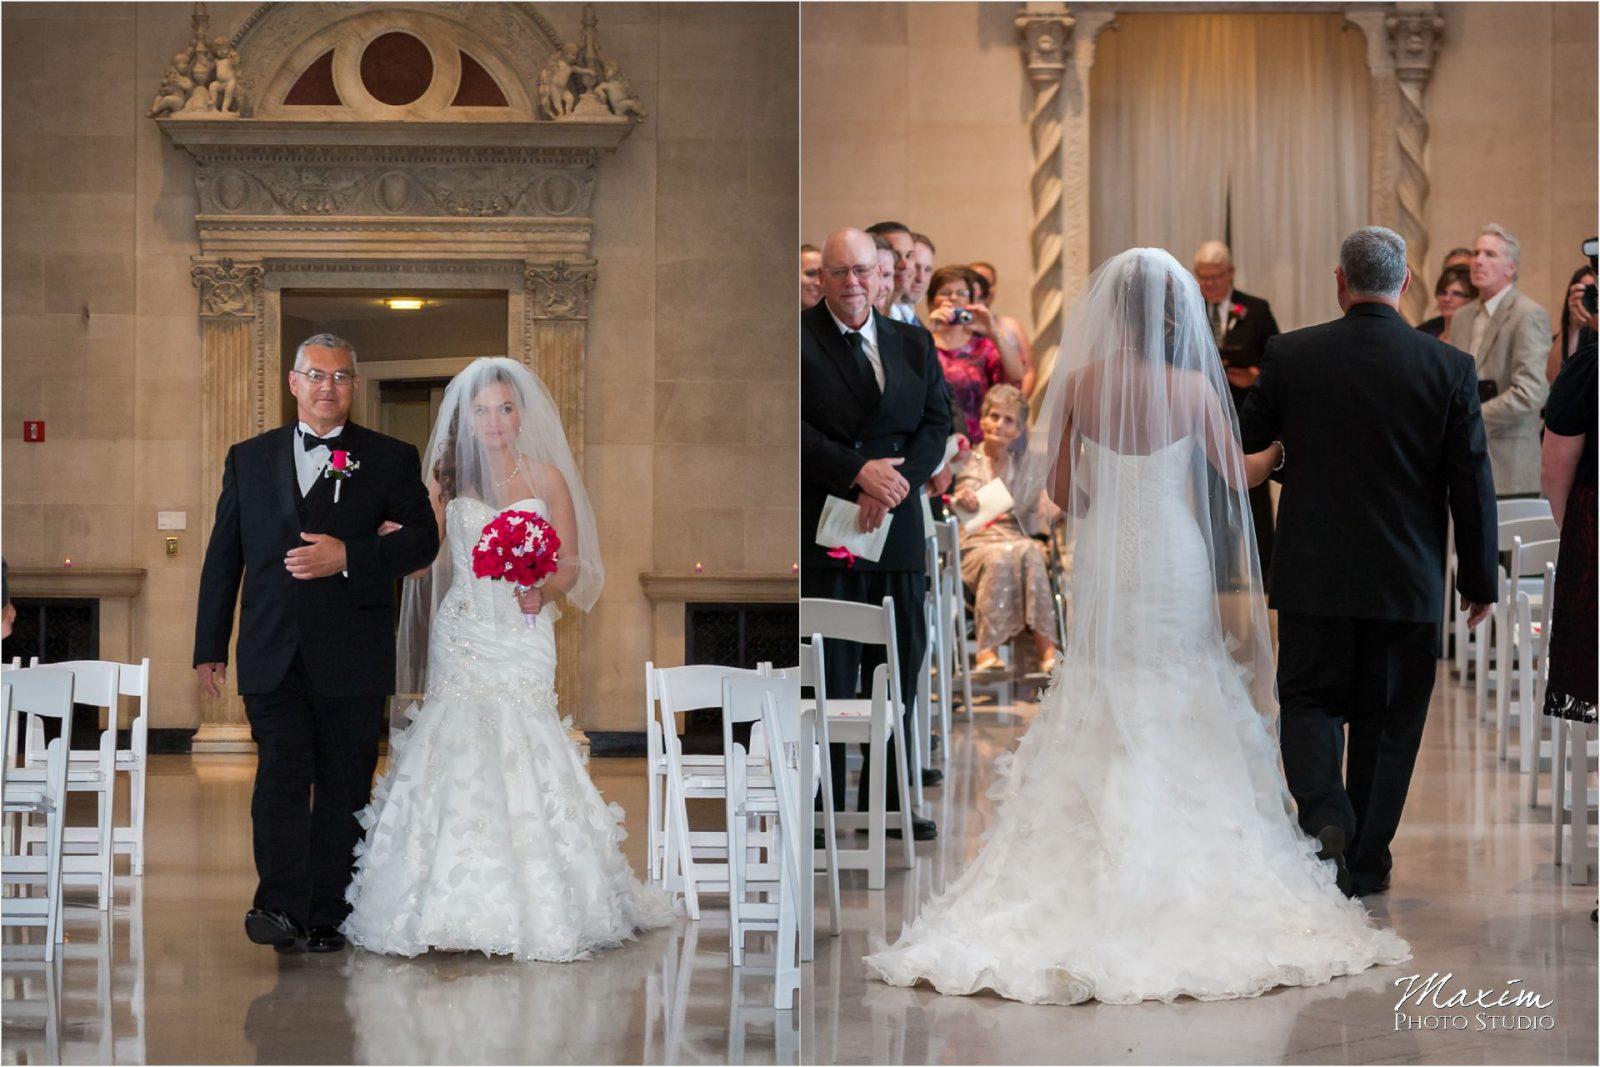 Dayton Art Institute Wedding Ceremony